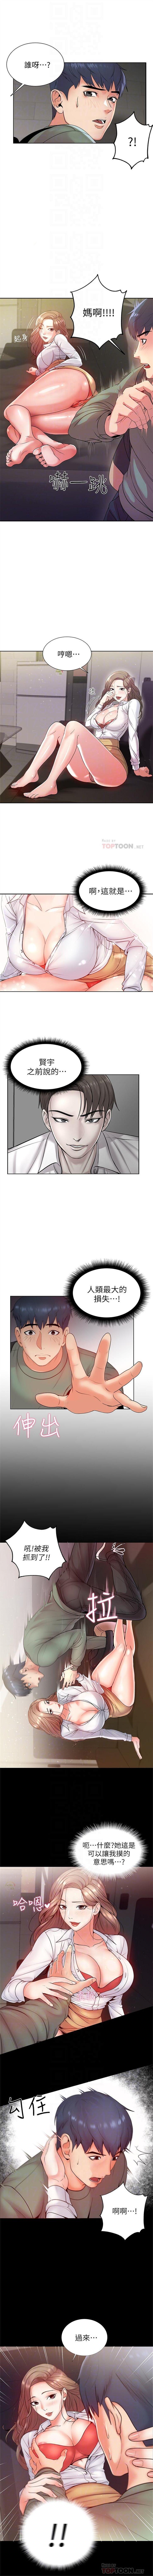 超市的漂亮姐姐 1-27 官方中文(連載中) 31